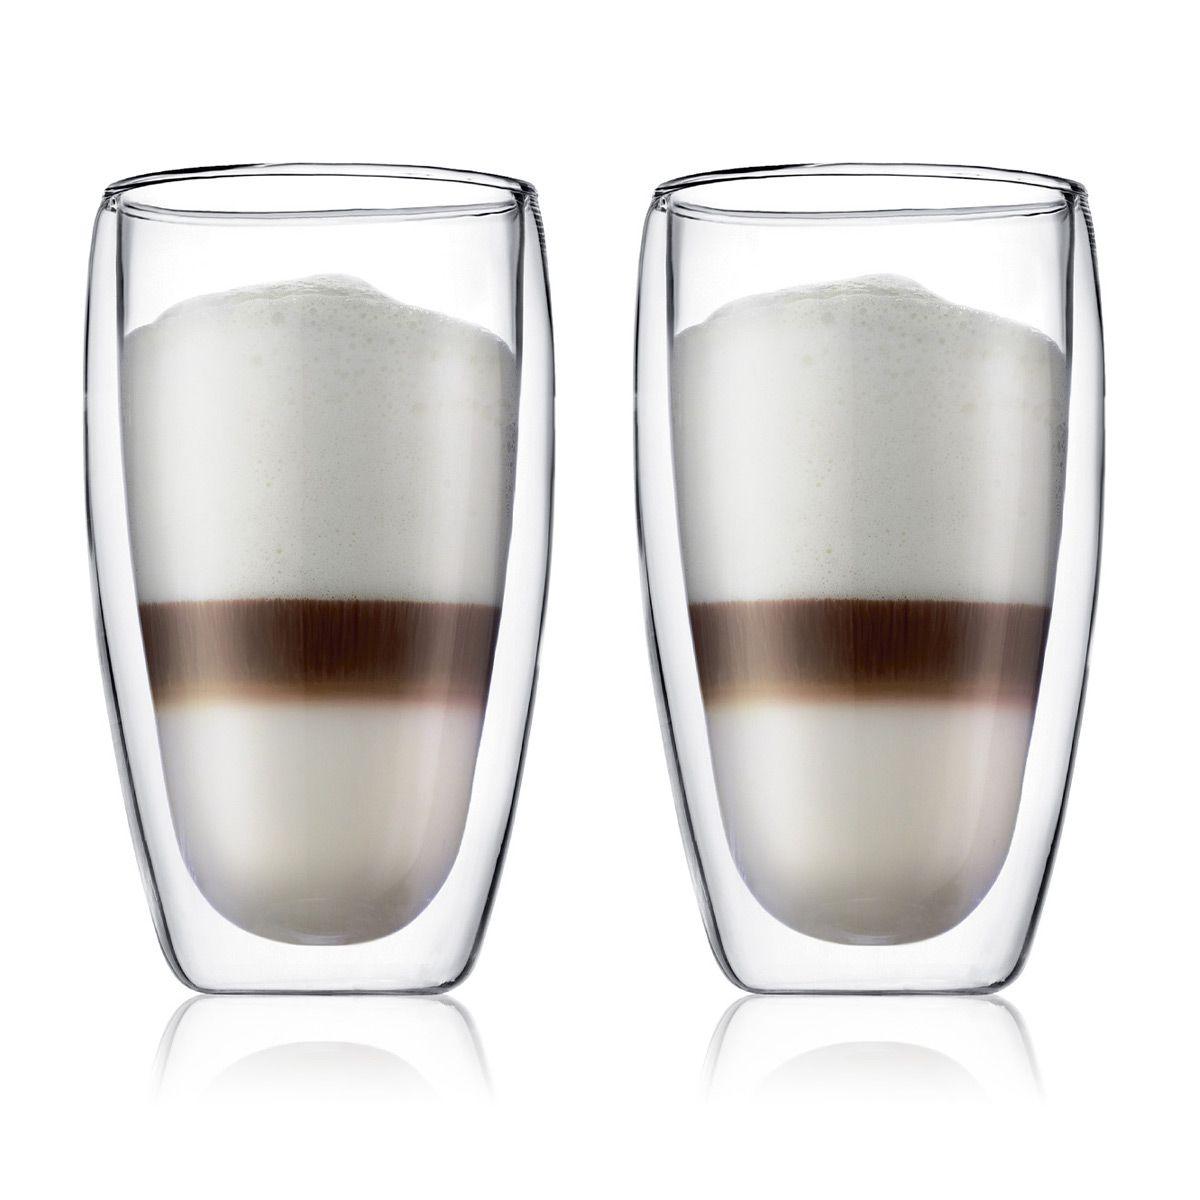 Veel luxe glazen met 45-55% korting + 10% extra korting @ Bodum